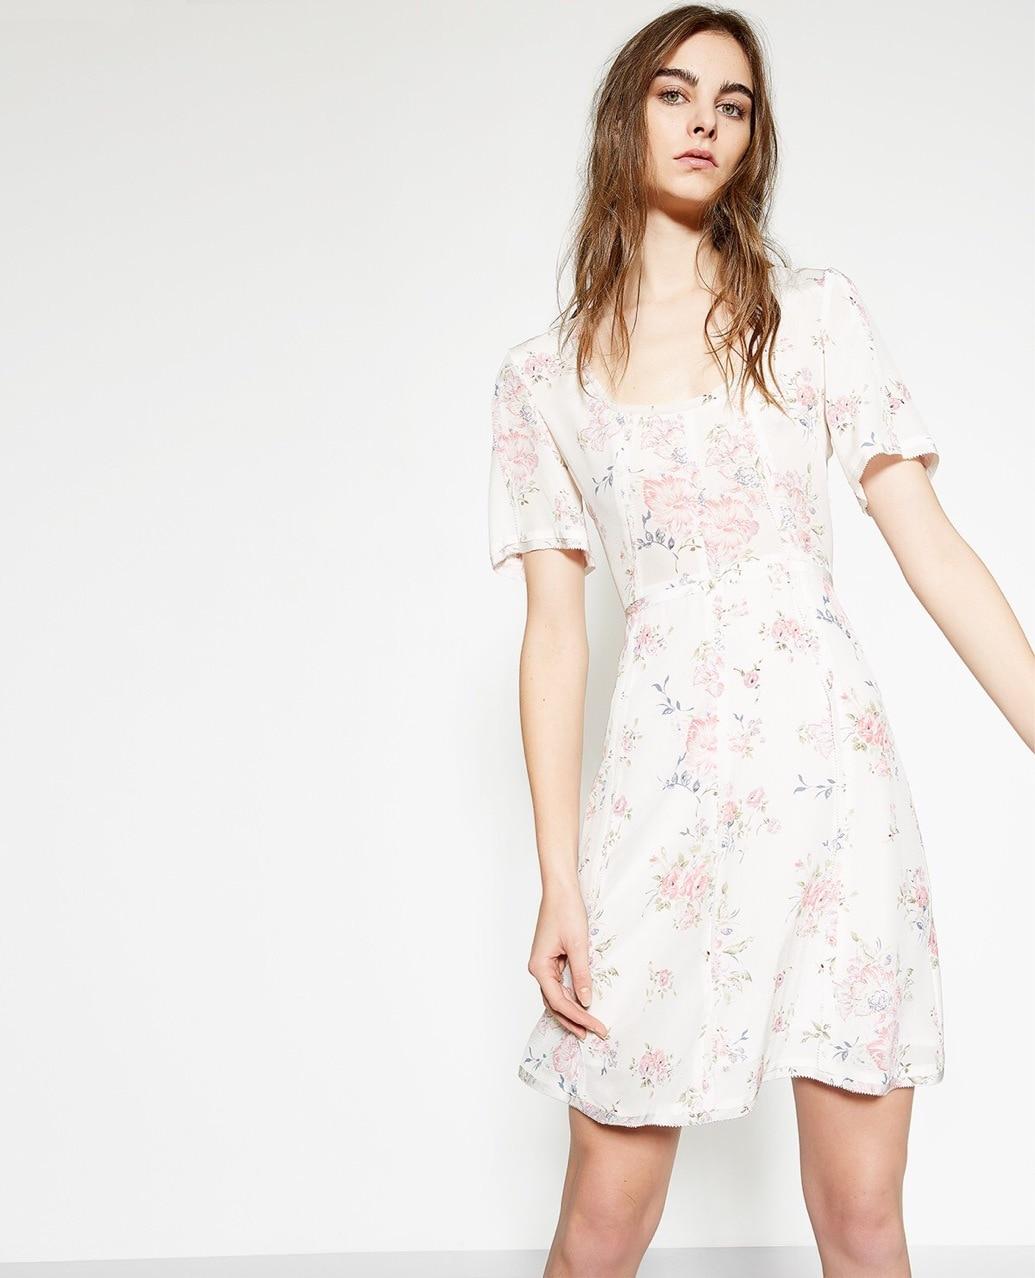 Soie Femme Imprimé Floral Frais Robe Manches Courtes Pour Blanc zqwE5US1